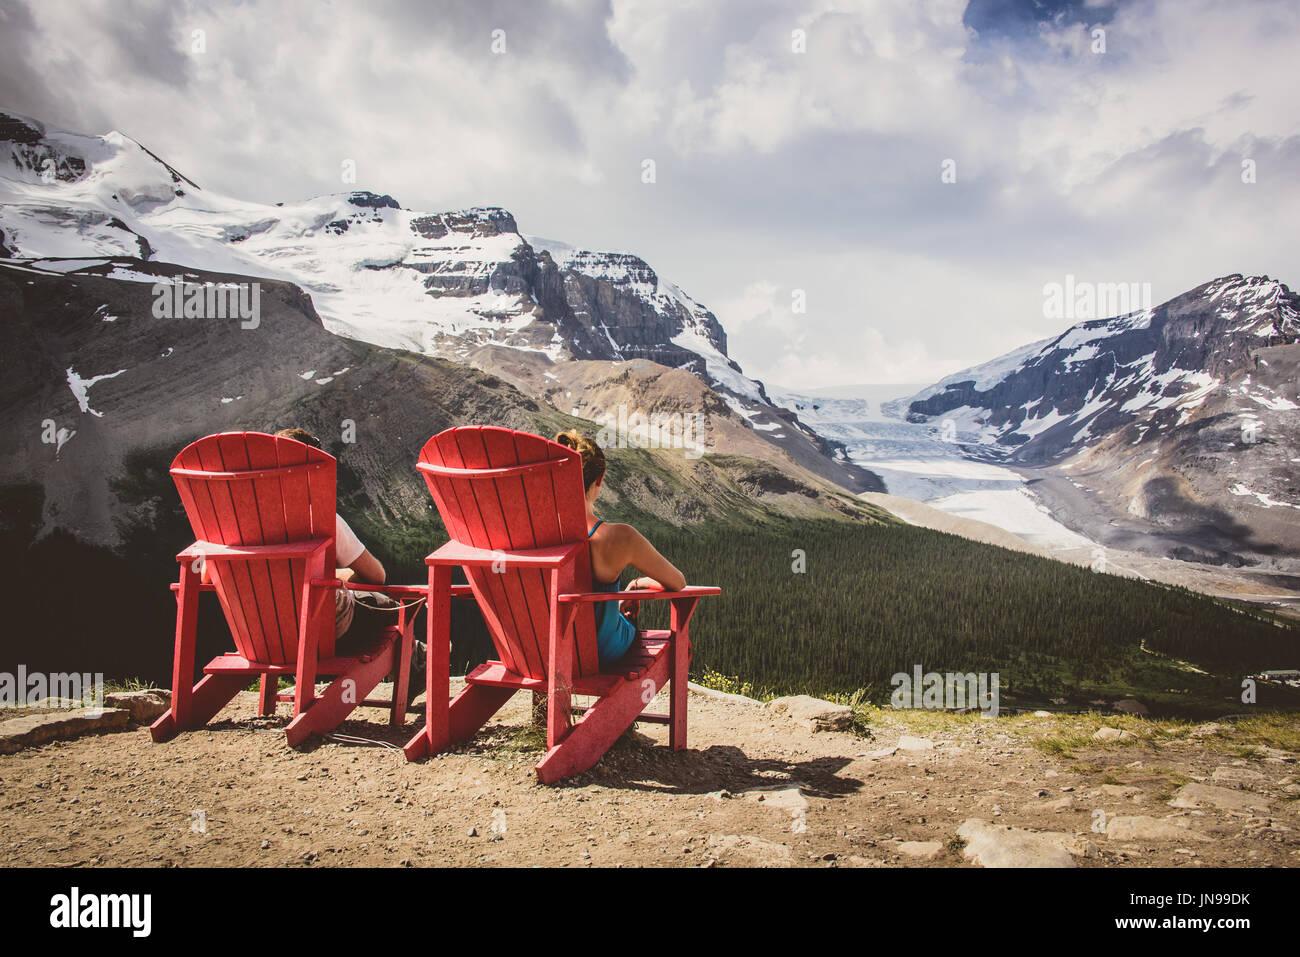 Wilcox Pass & Jasper's red chairs - Stock Image